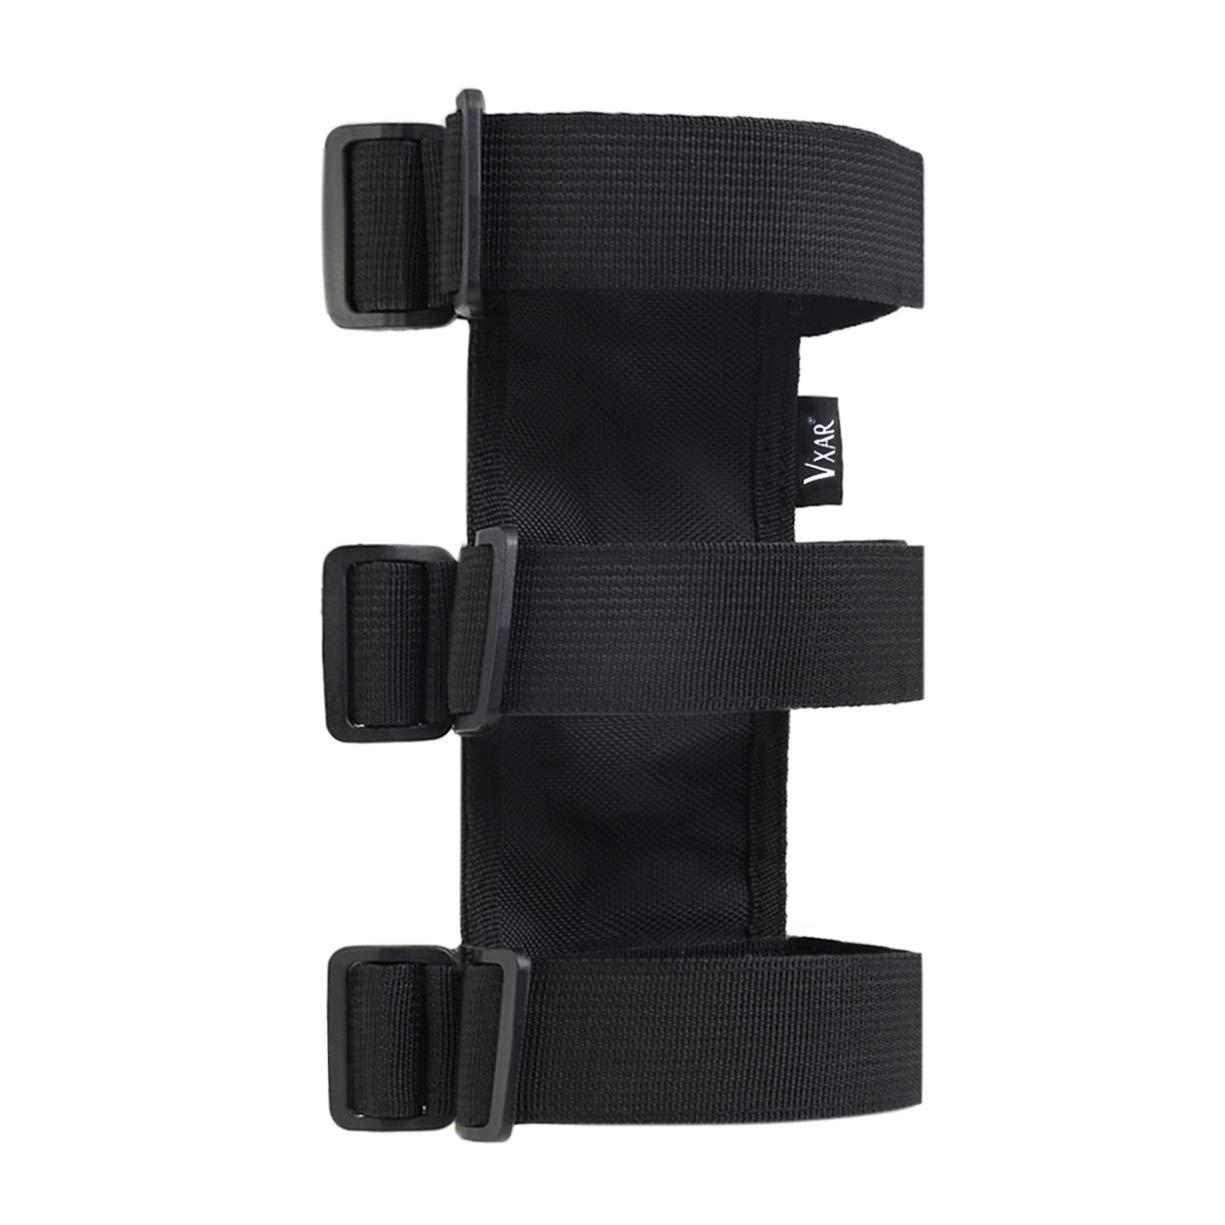 VXAR Fire Extinguisher Holder Canvas Adjustable Roll Bar Mounted for Jeep Wrangler (Black)